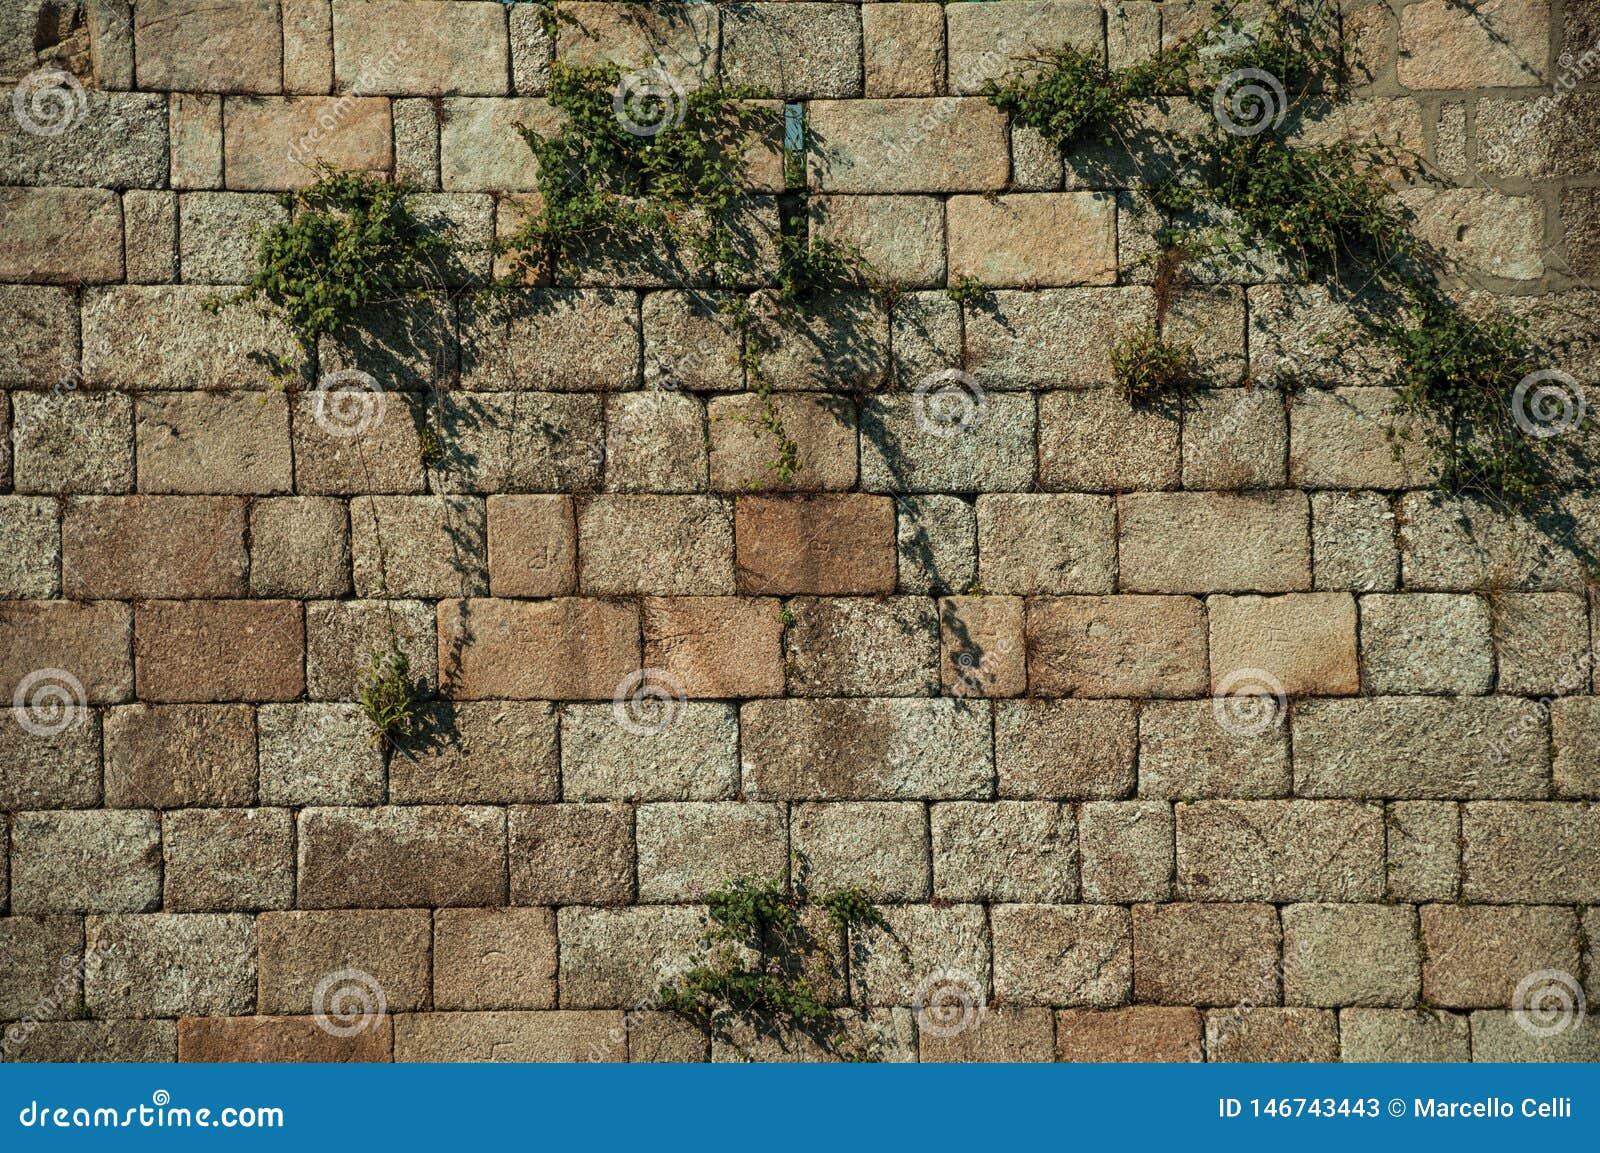 Mur fait de grandes pierres de brique et plantes vertes